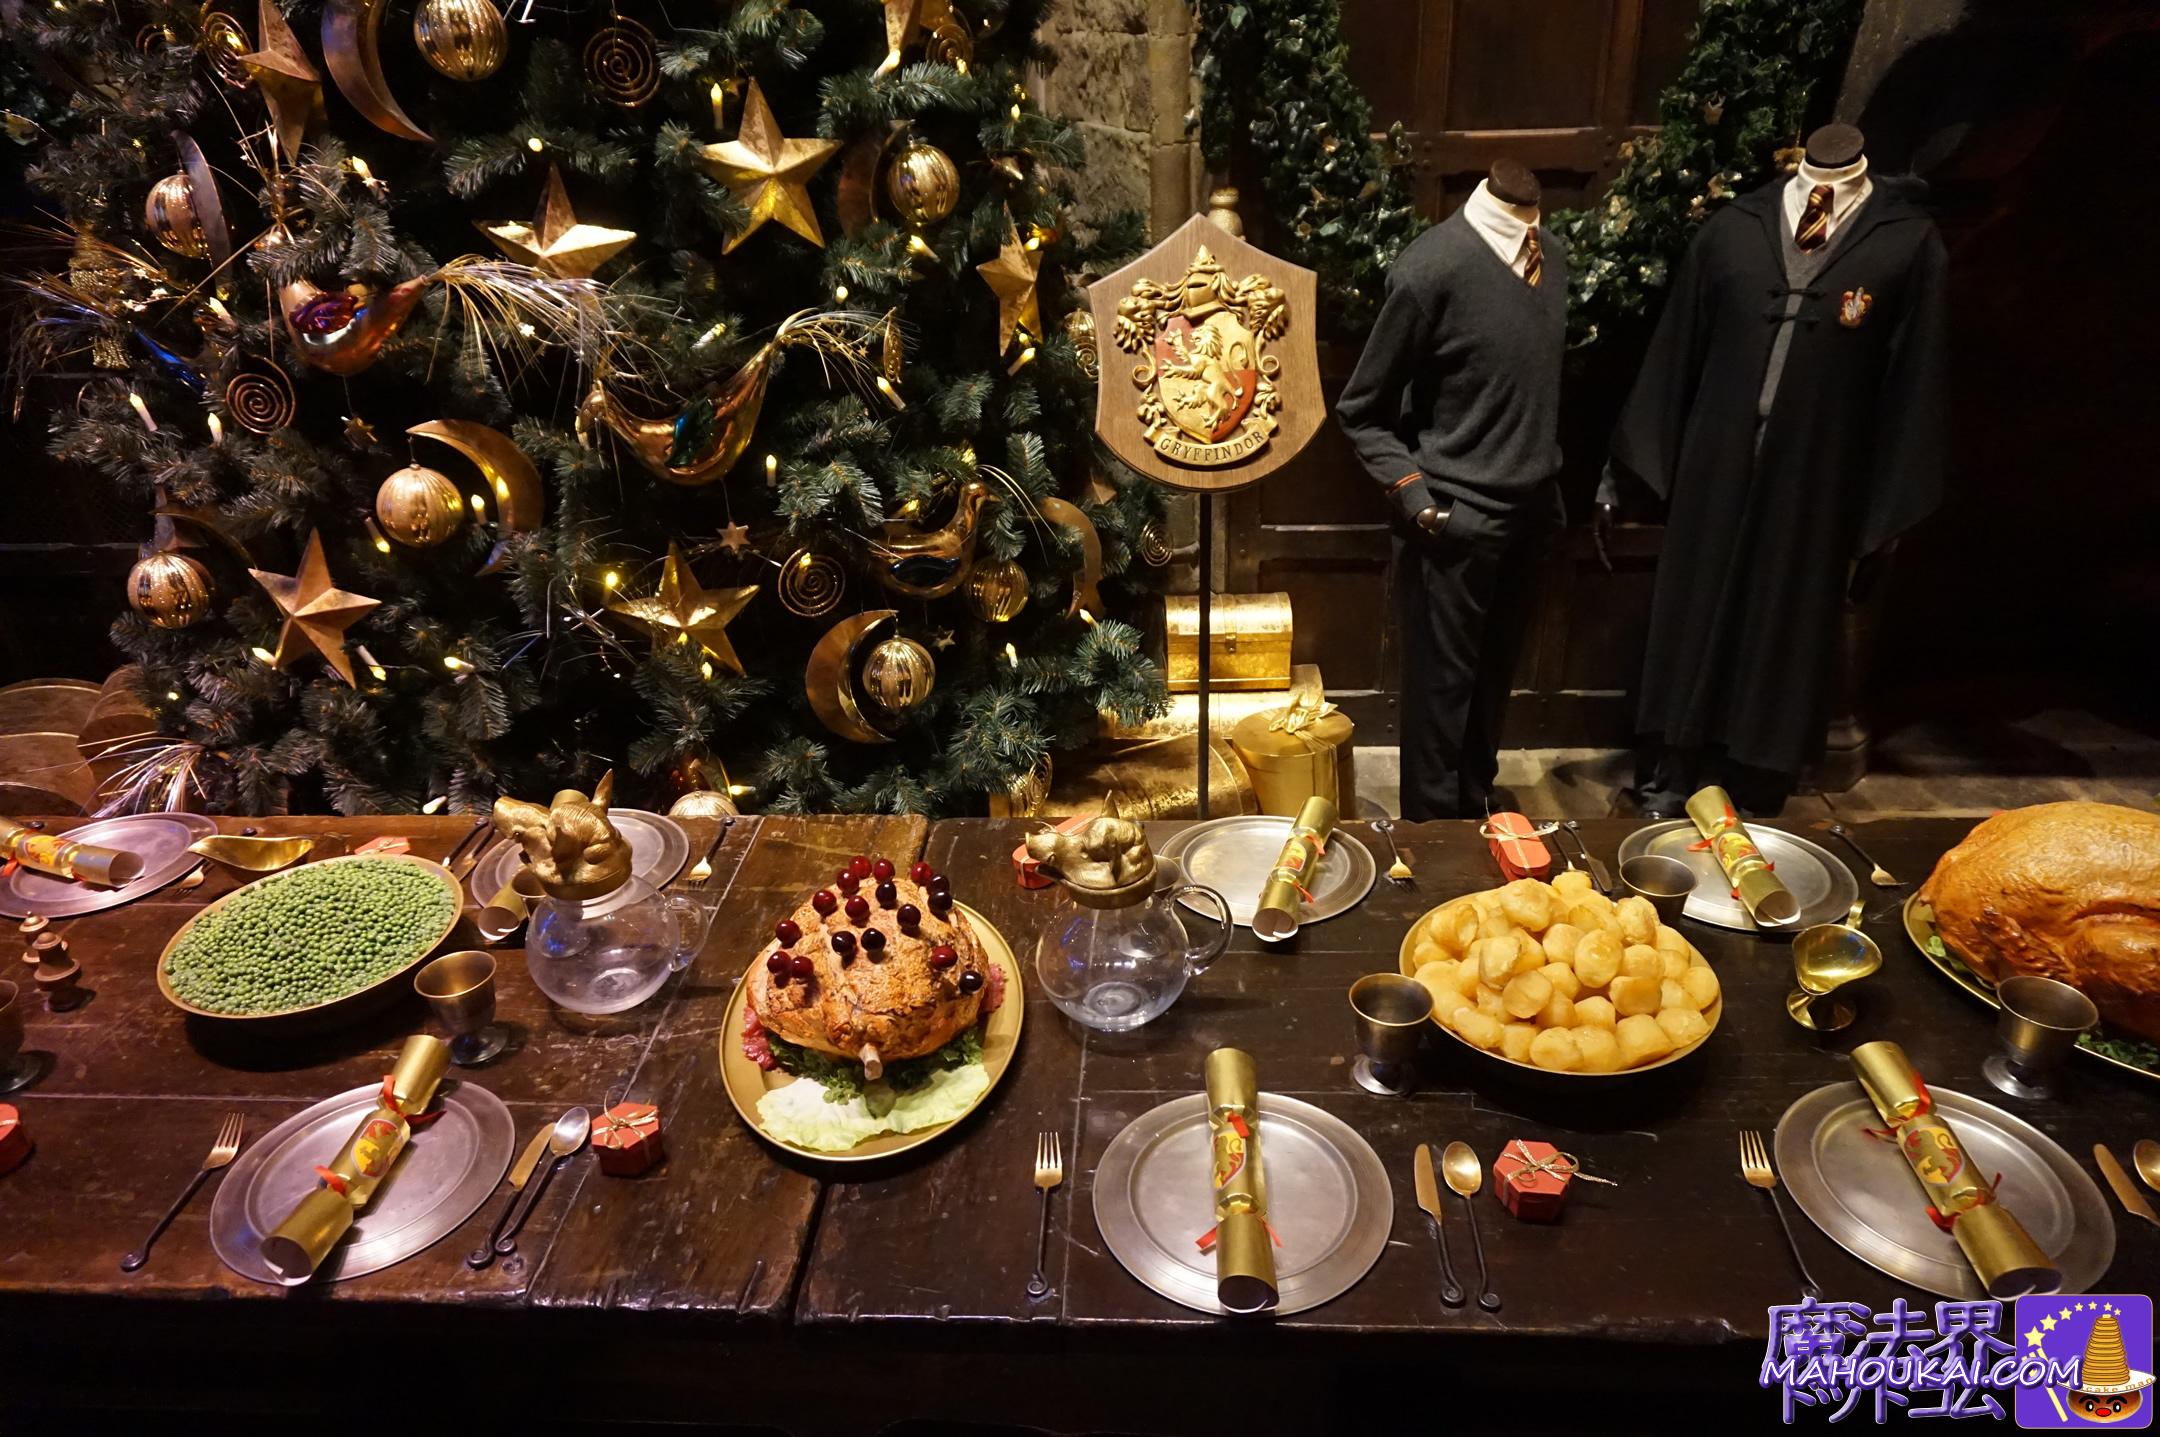 ホグワーツ大広間THE GREAT HALL at Hogwarts